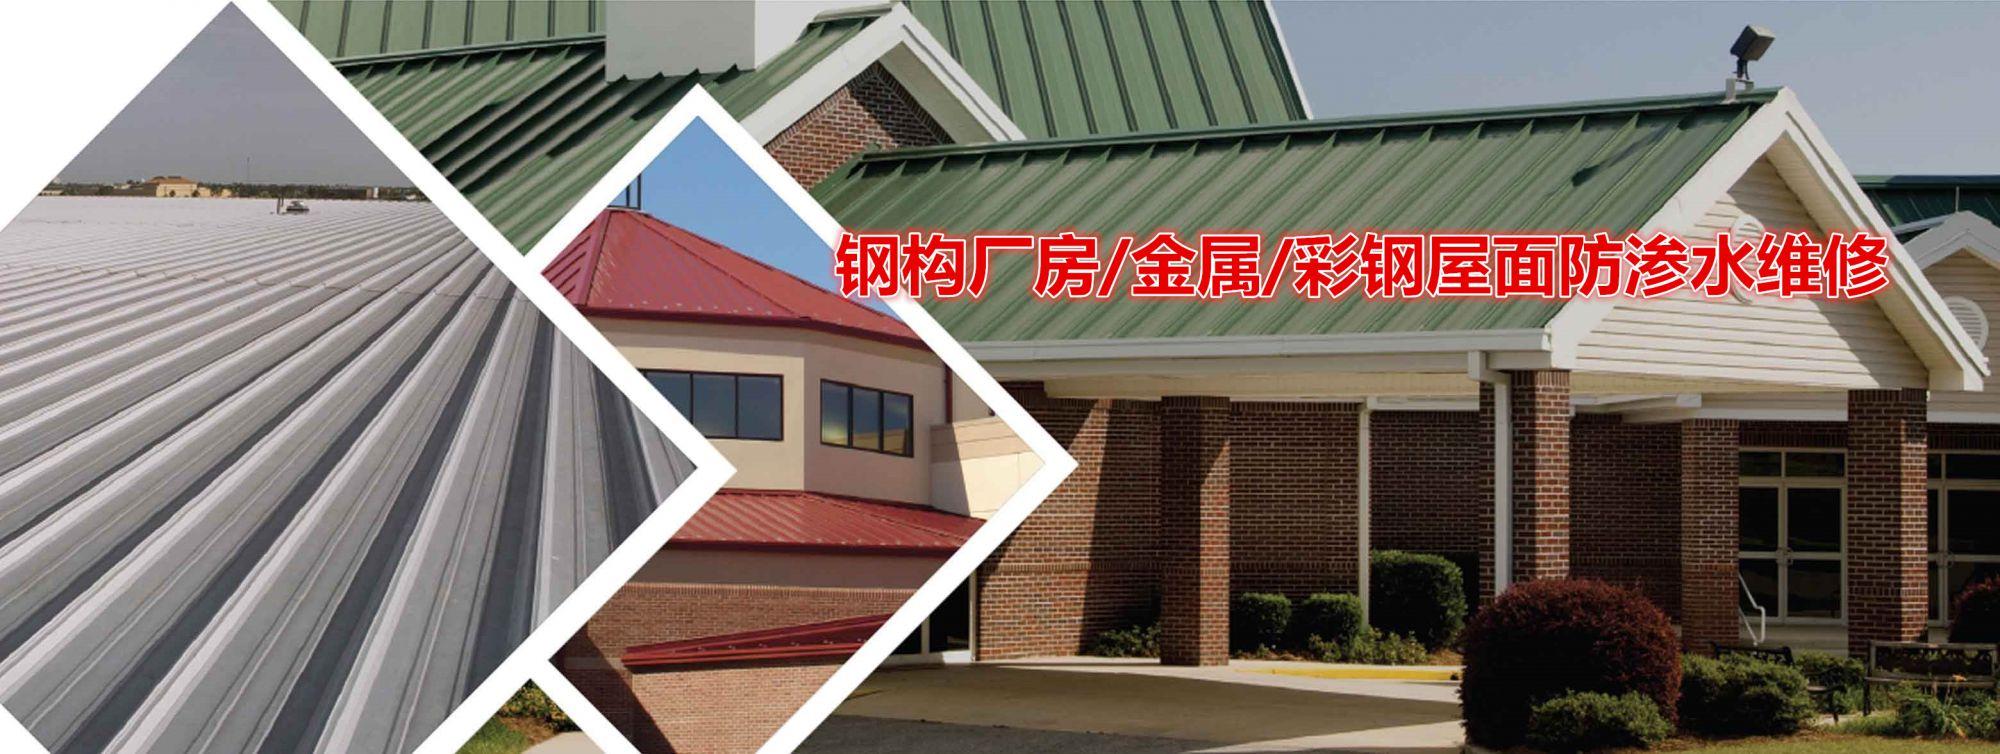 西安钢结构屋面防水